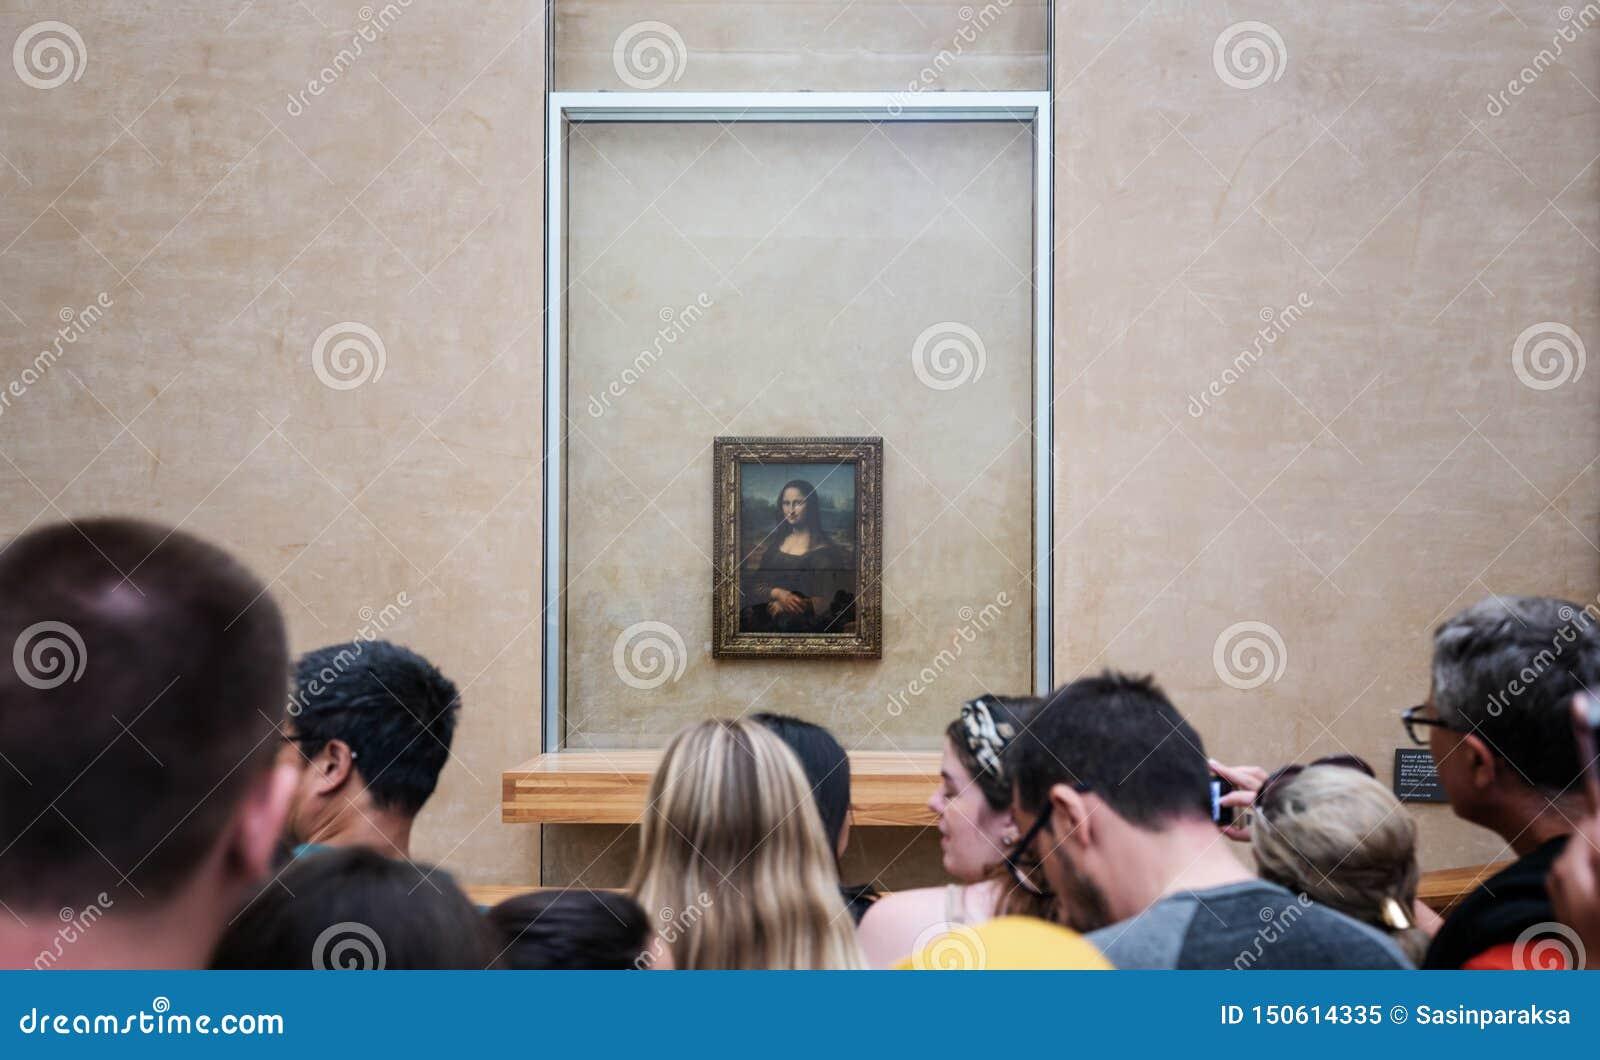 Mona Lisa, Malen von Leonardo Da Vinci mit gedrängten Touristen, in Le Louvre Museum in Paris, Frankreich am 3. Juni 2019